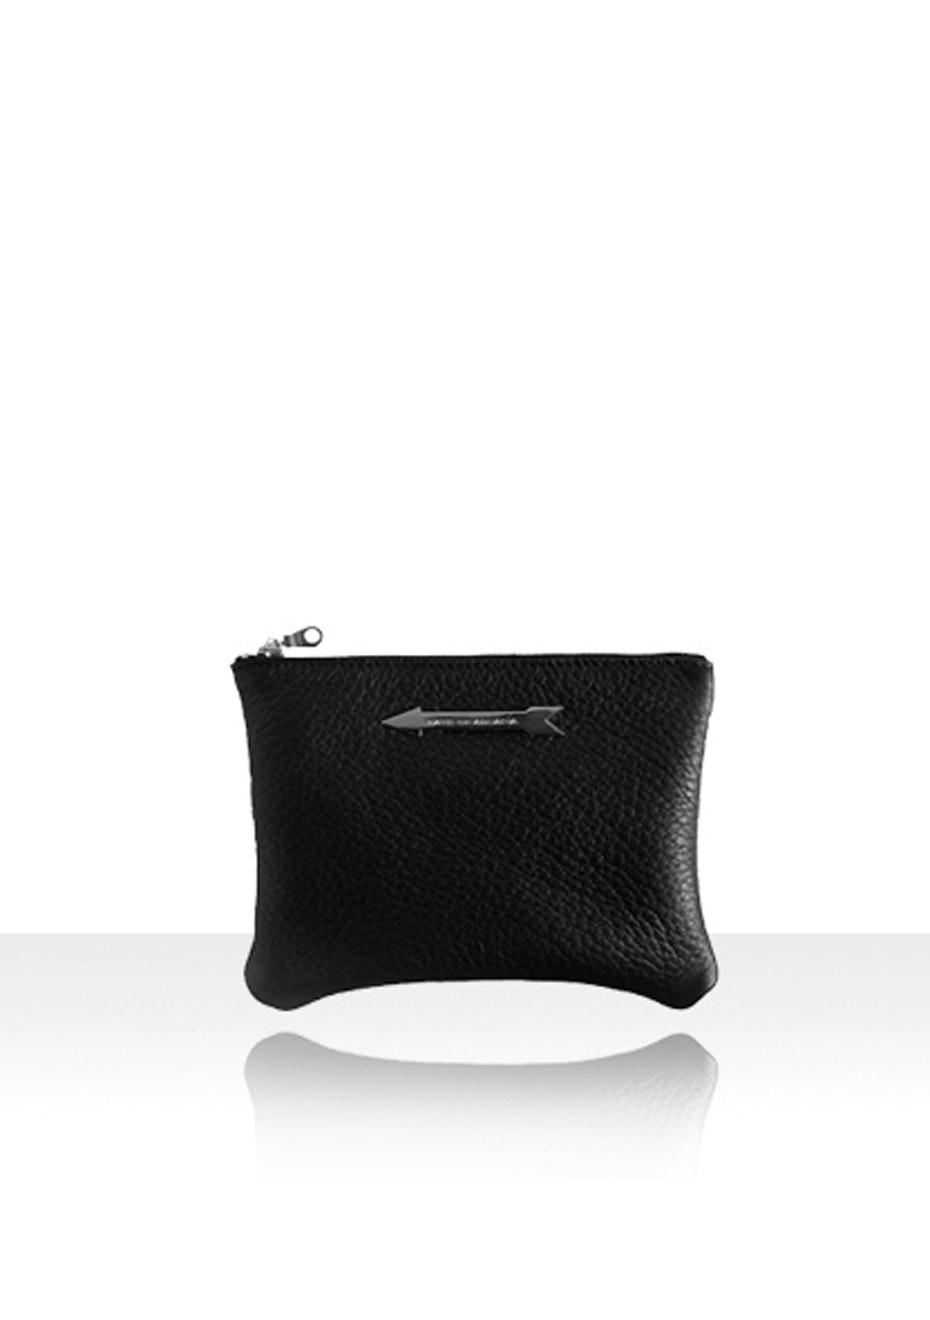 Kate Of Arcadia - Arrow Mini Purse - Deer Leather